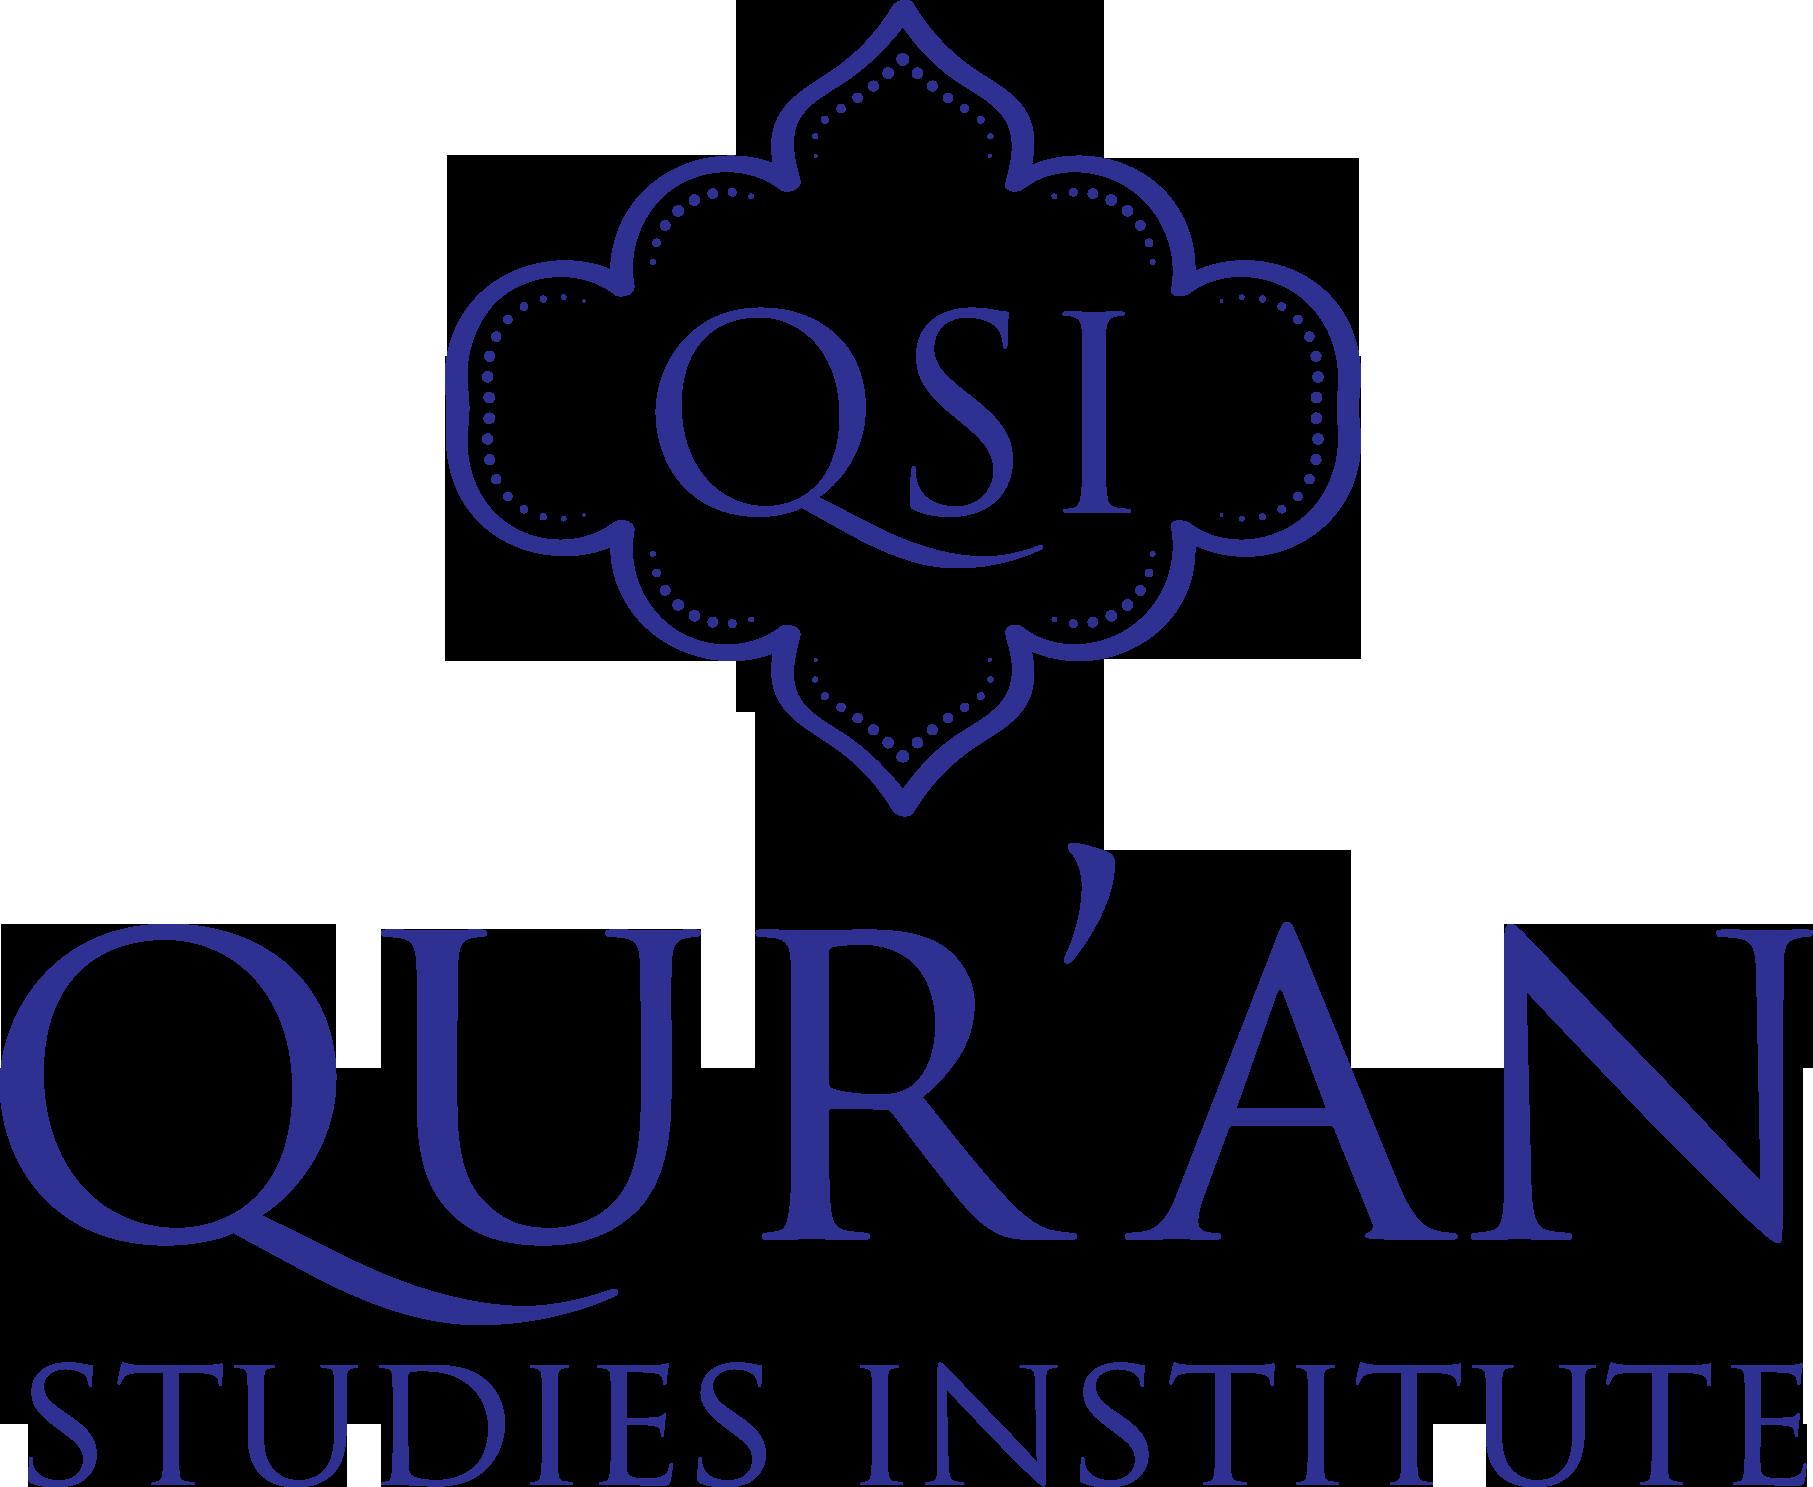 Quran Studies Institute